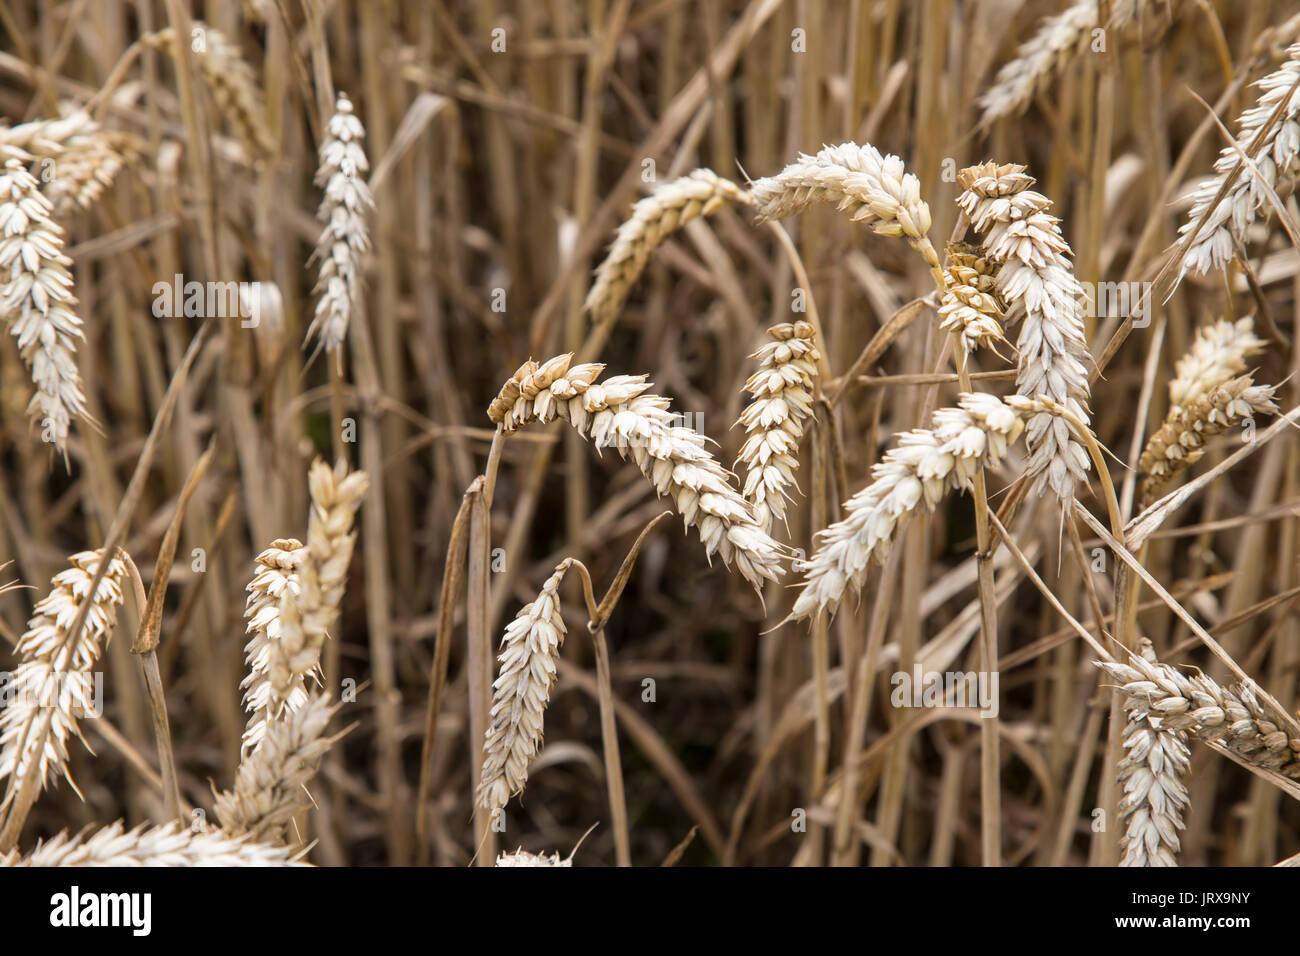 In der Nähe der Ohren von Weizen in einem Maisfeld Stockbild